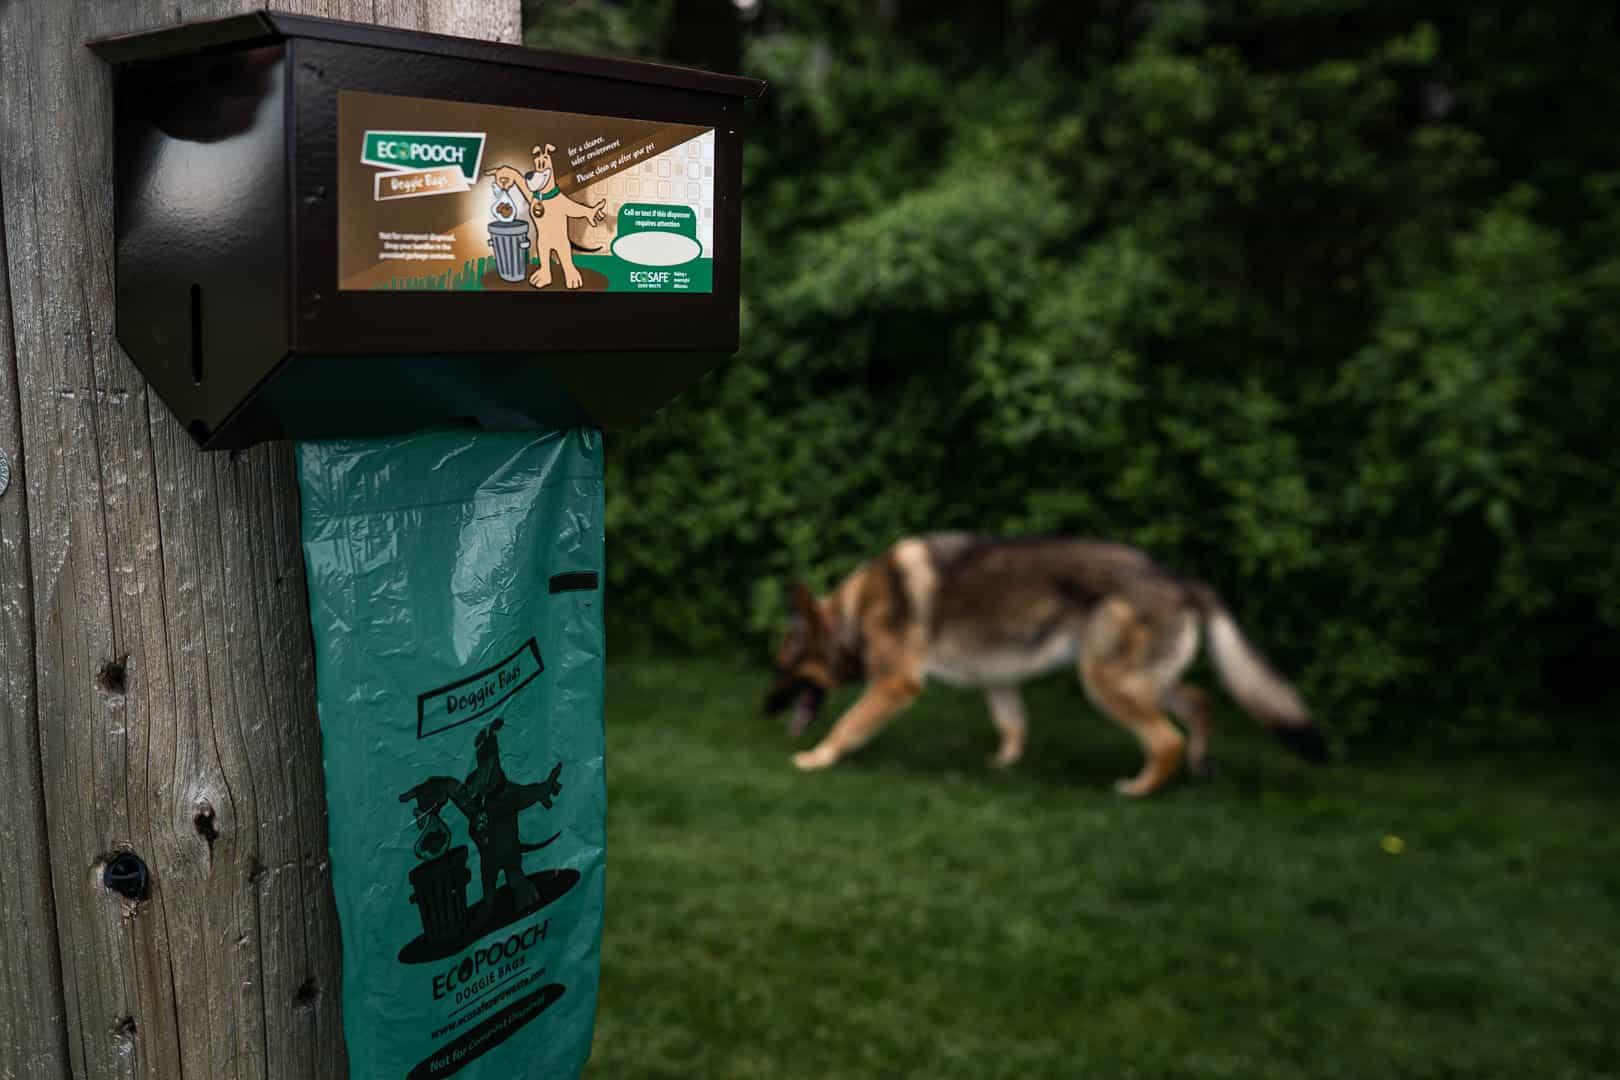 Ecosafe Green   Zero waste - dog waste bag and dog